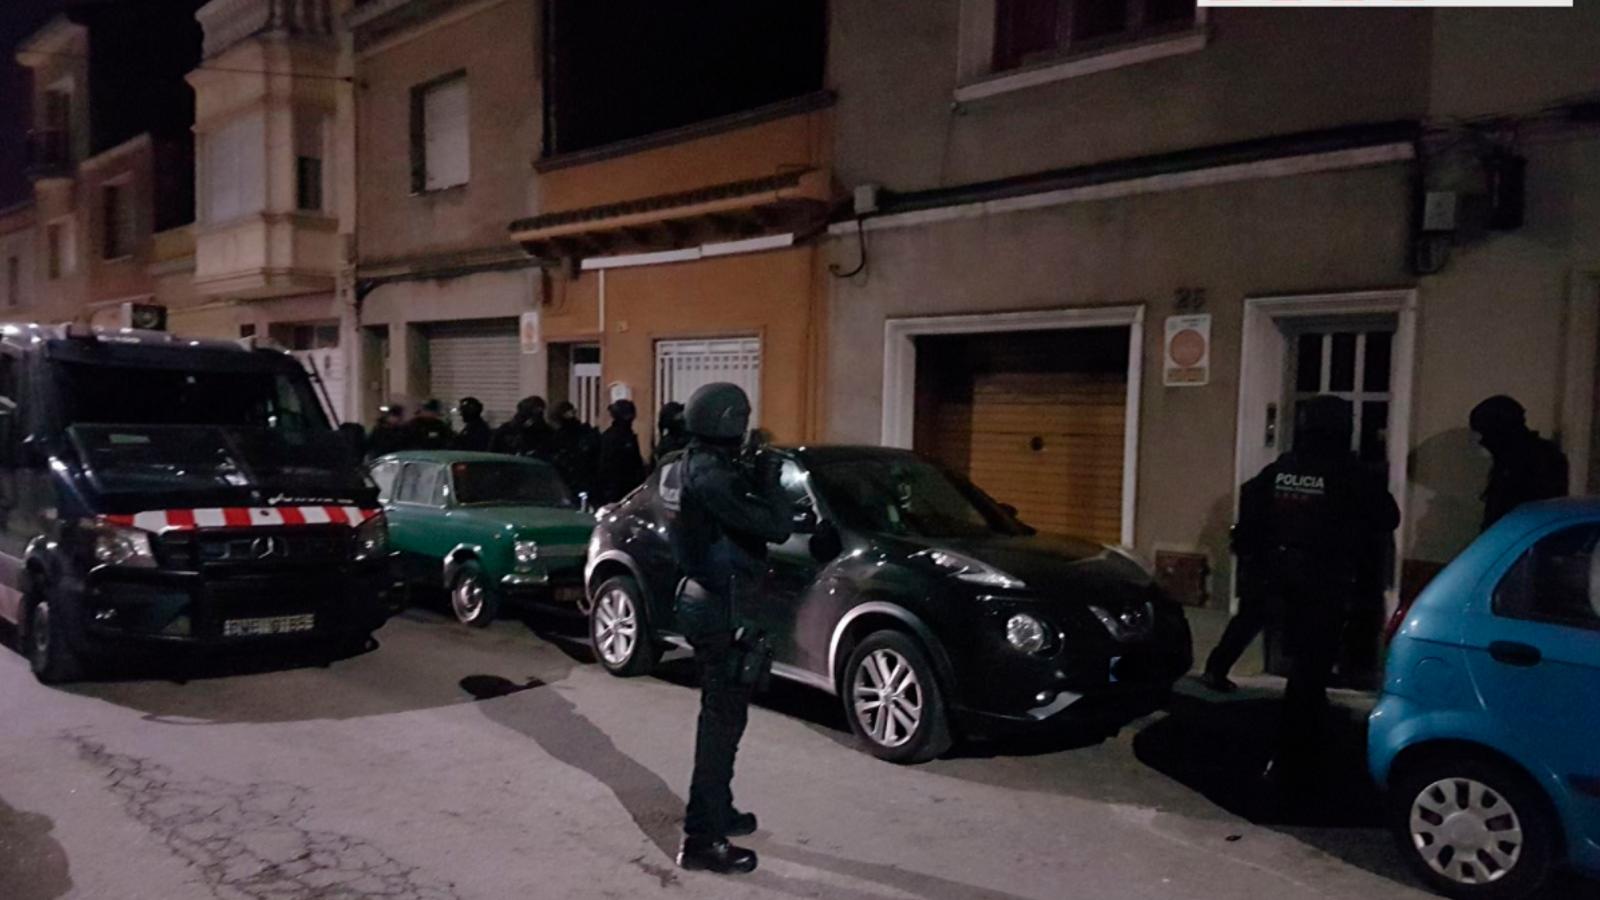 Operació policial contra la banda 'motard' Hells Angels MC